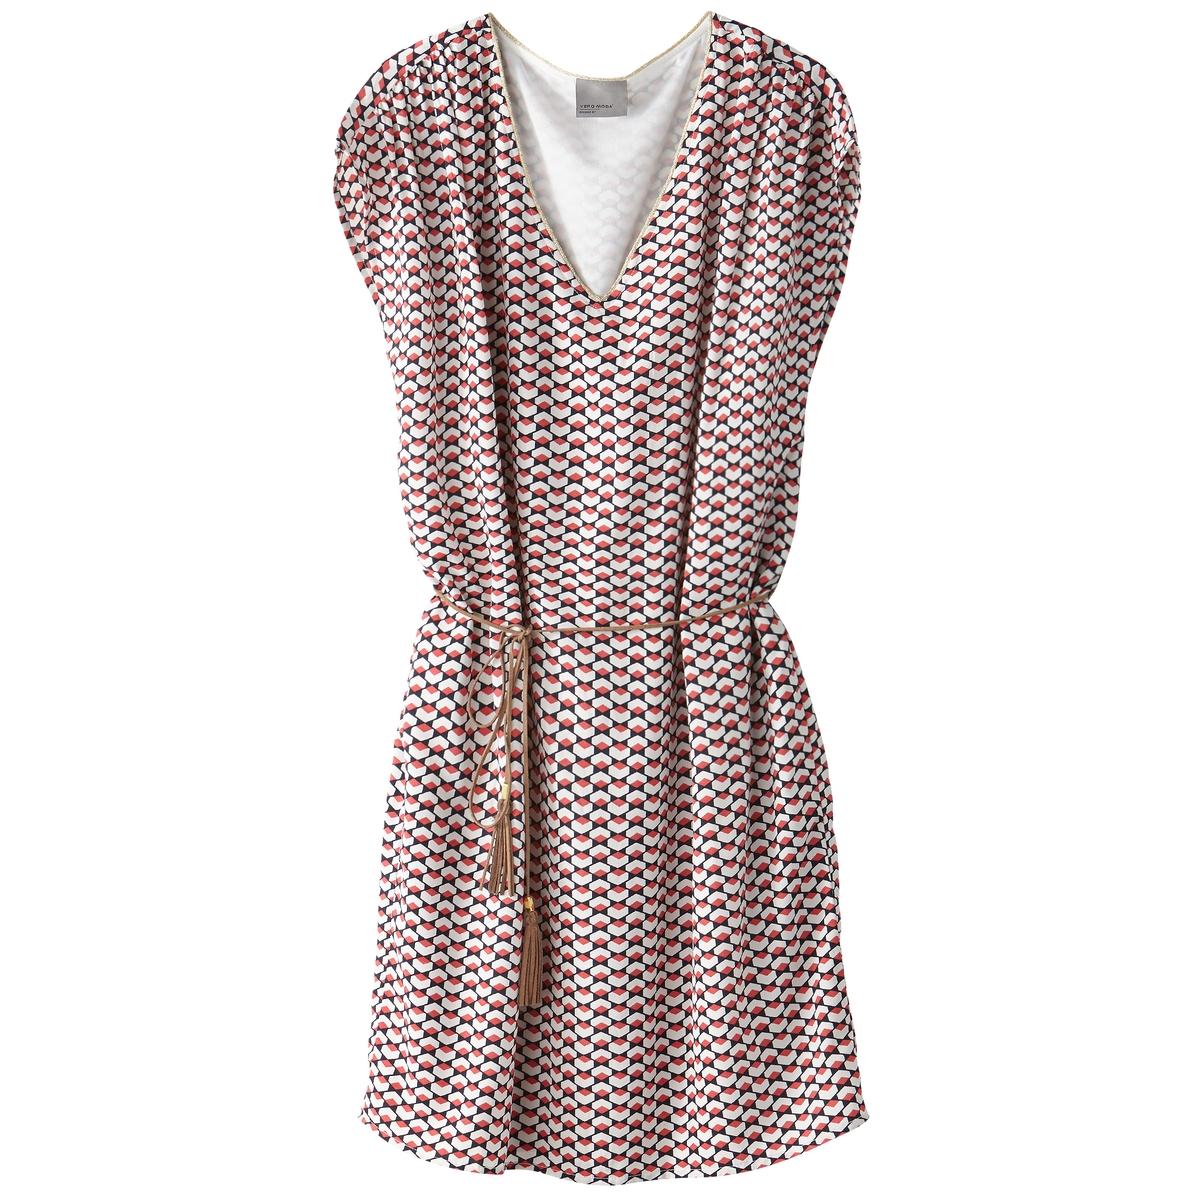 Платье длиной до колен, с короткими рукавами, однотонноеДетали  •  Форма : прямая •  Длина до колен •  Короткие рукава    •   V-образный вырез Состав и уход  •  100% полиэстер •  Следуйте рекомендациям по уходу, указанным на этикетке изделия<br><br>Цвет: коралловый<br>Размер: XS